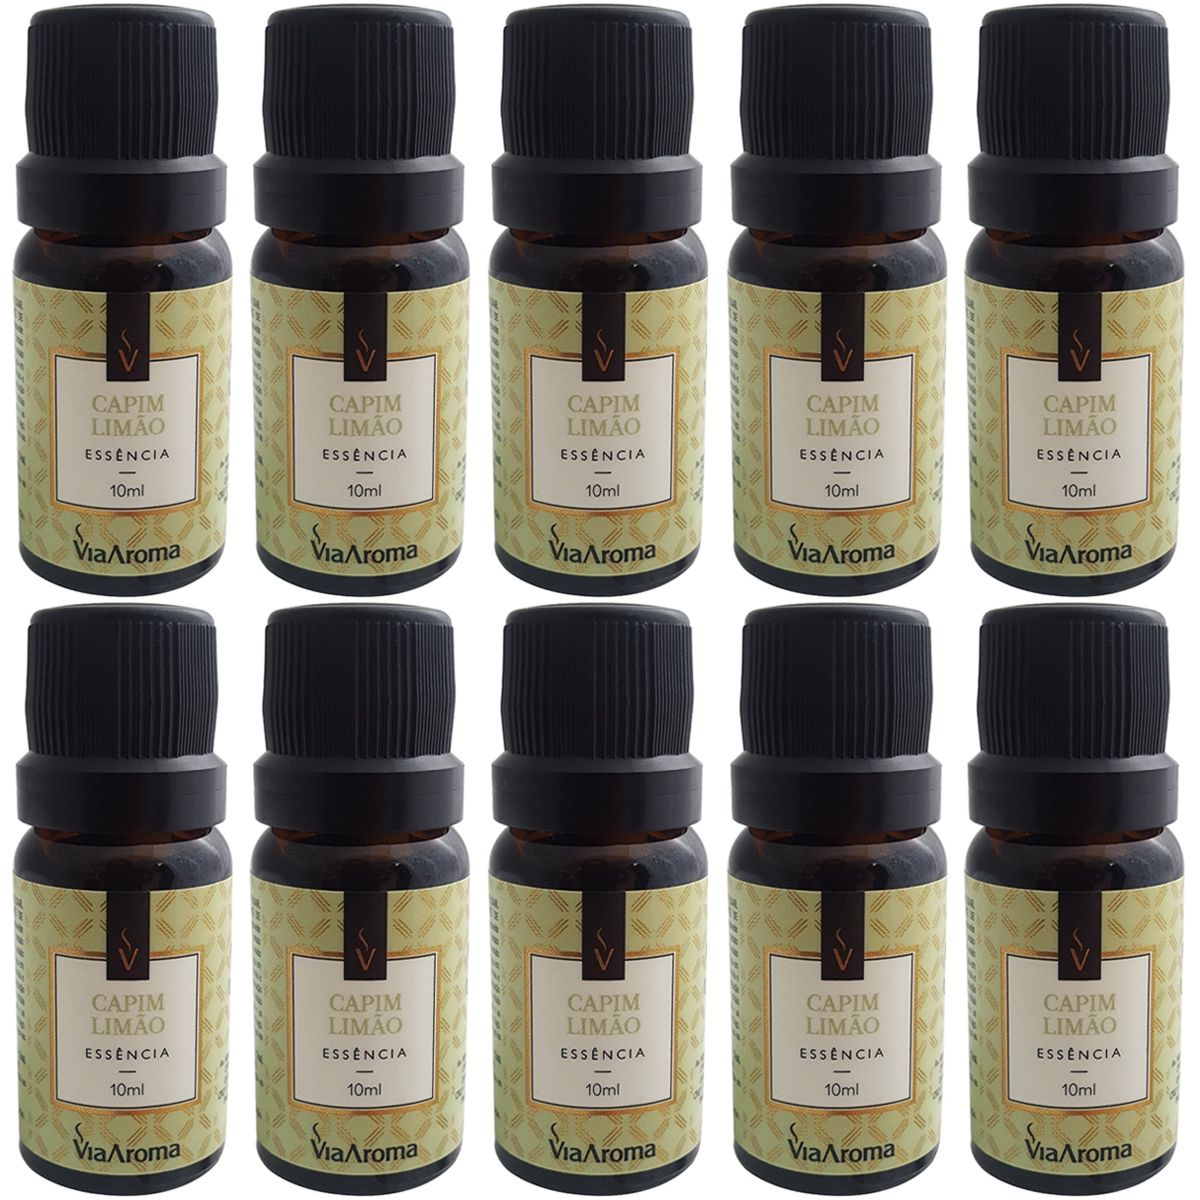 Kit 10 Essências De Aromatizador Via Aroma Aromaterapia 10ml Capim Limão